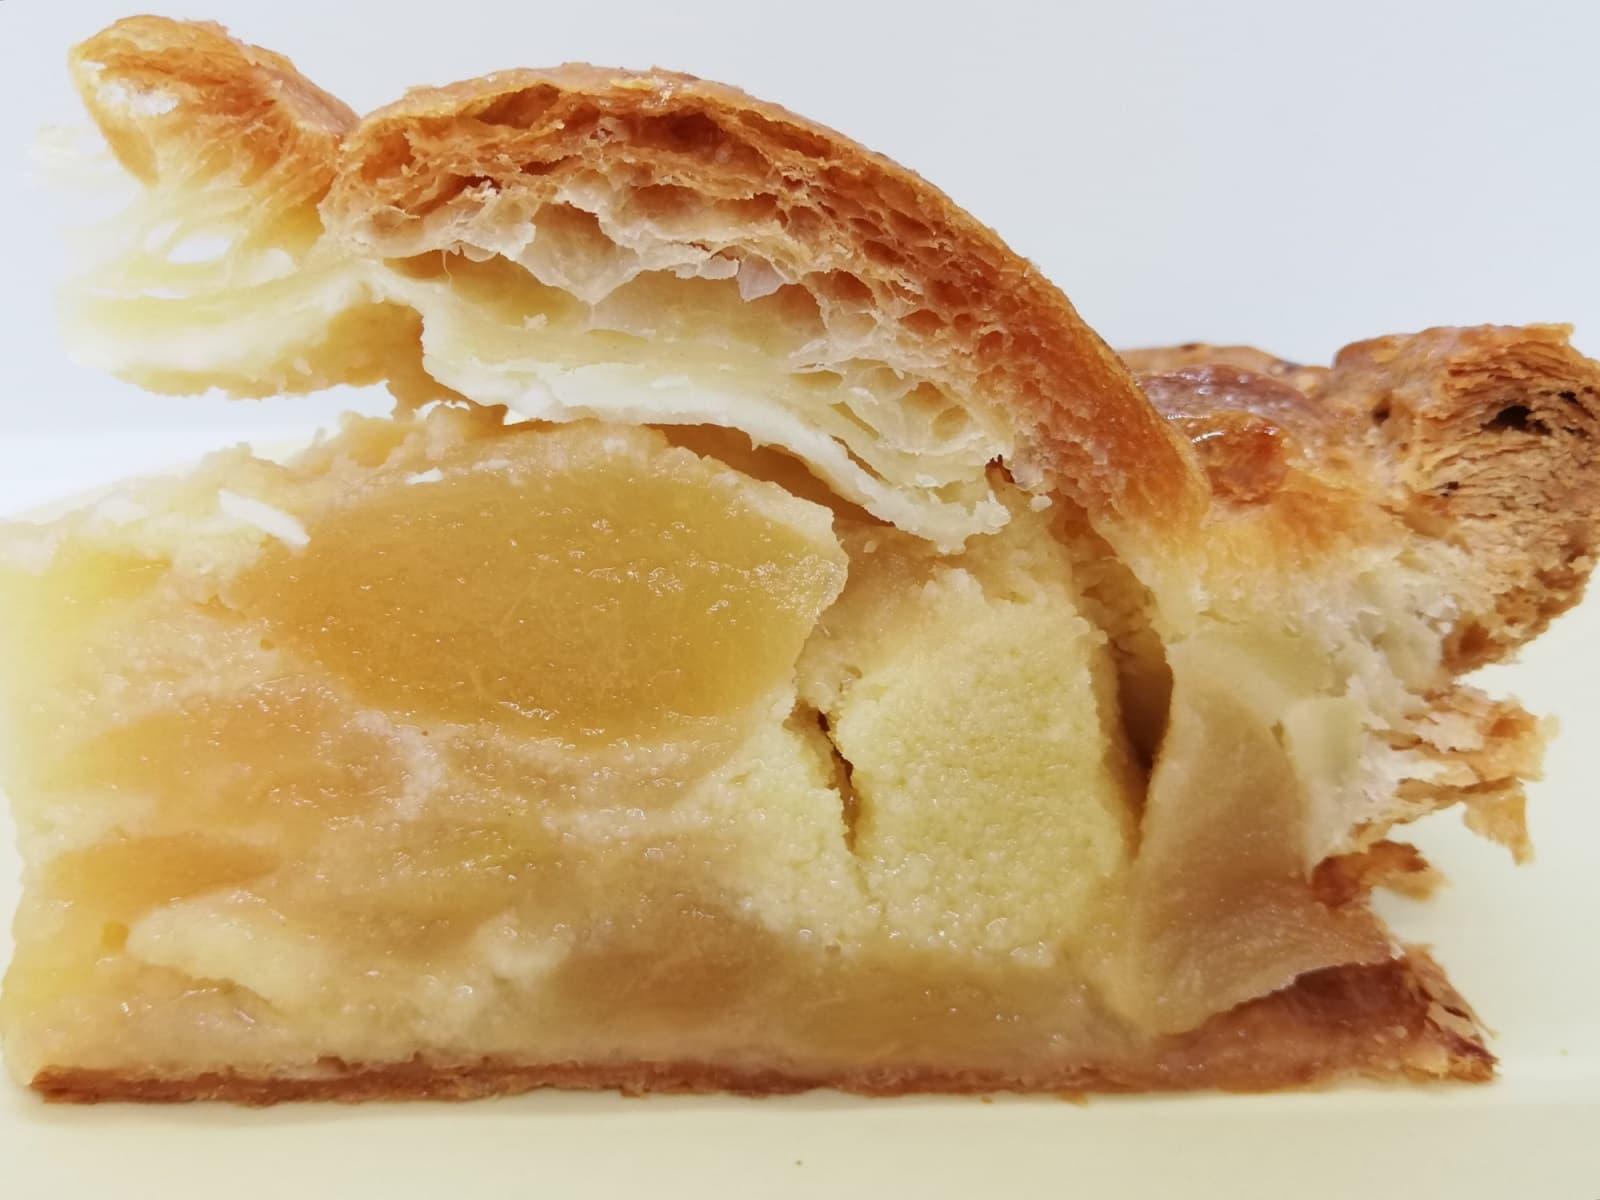 ターブル・ドゥ・リバージュのアップルパイの断面